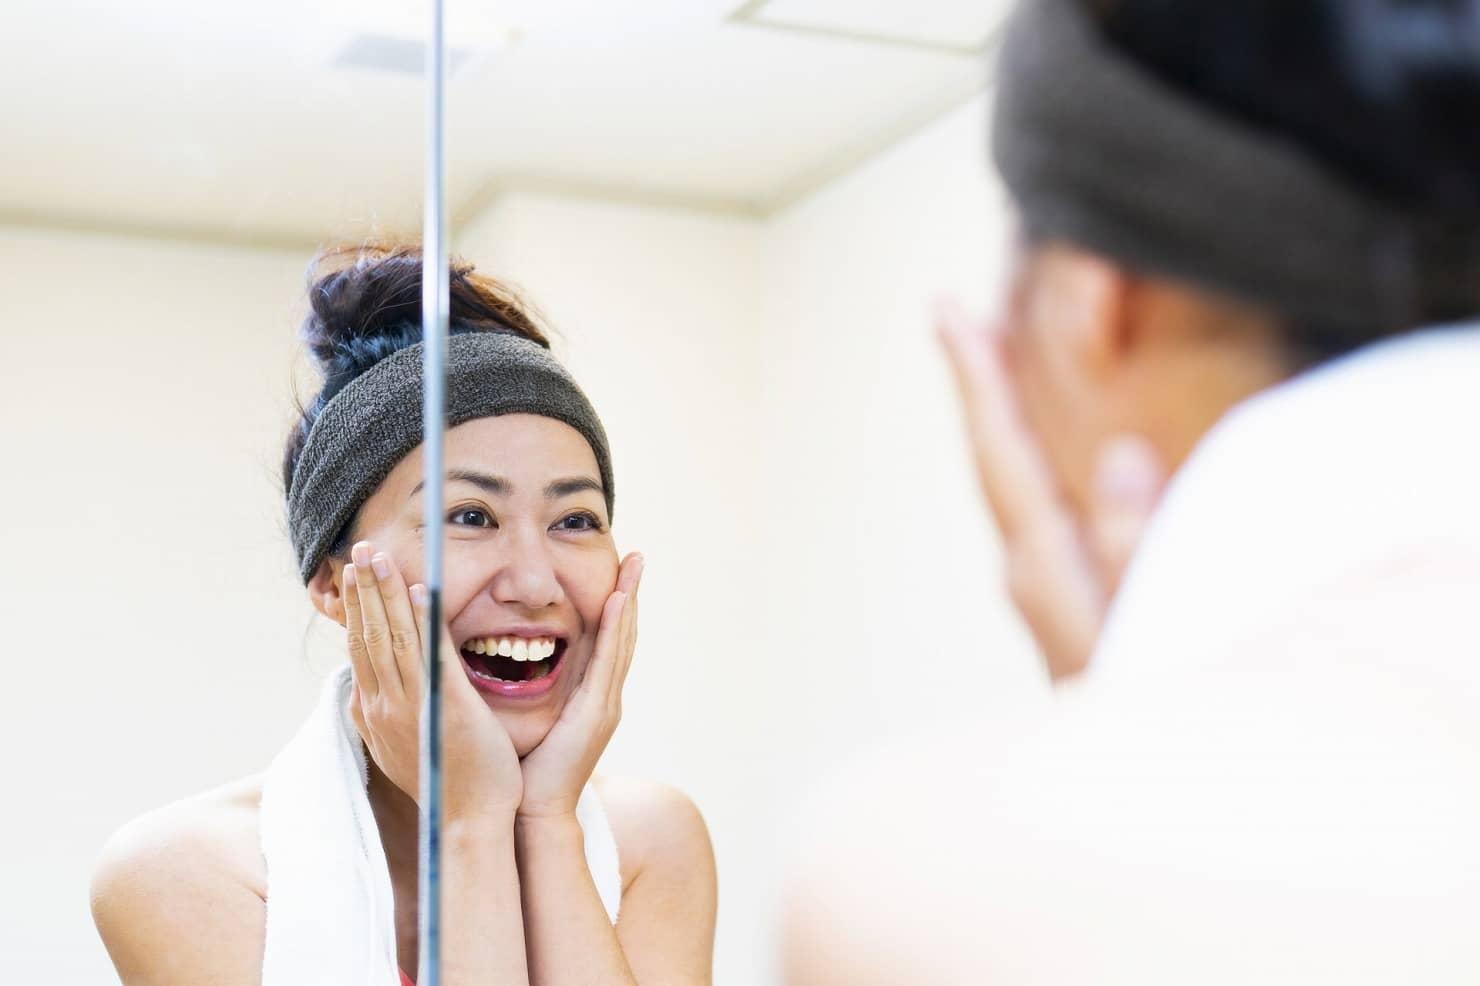 鏡を見ている女性の写真